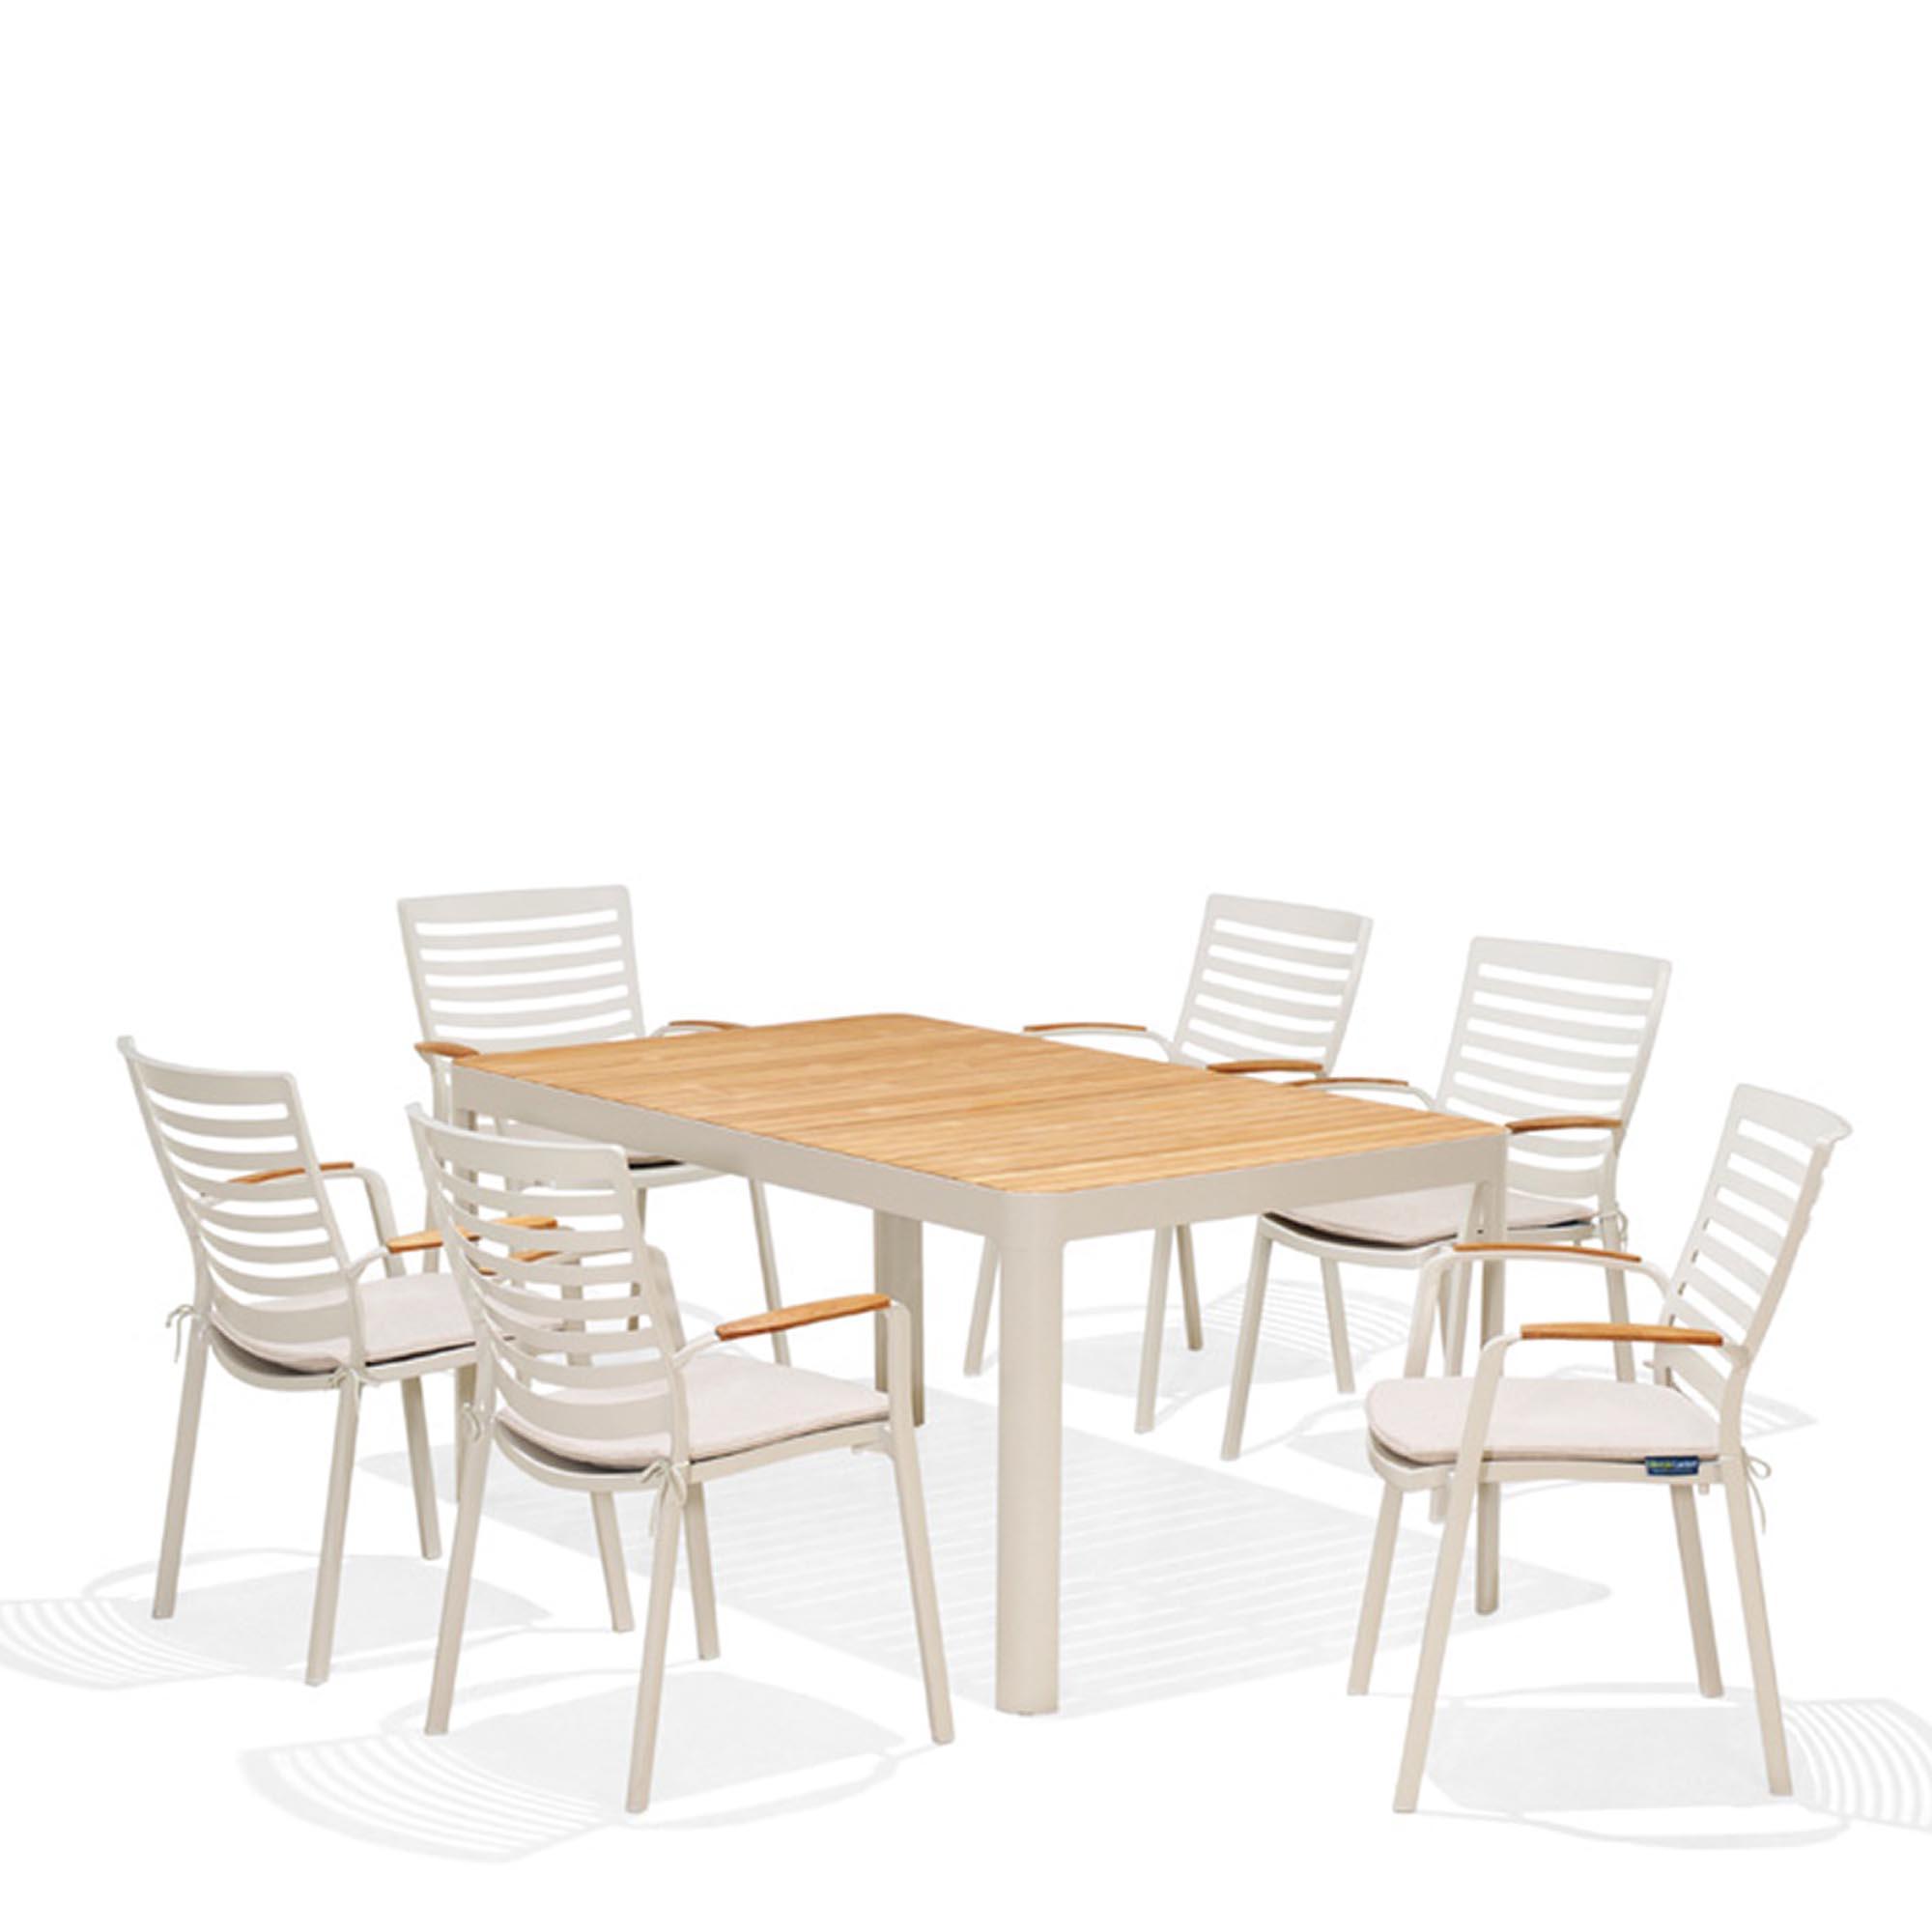 Bộ bàn ghế ngoài trời Portals 6 seater dining set 1/2